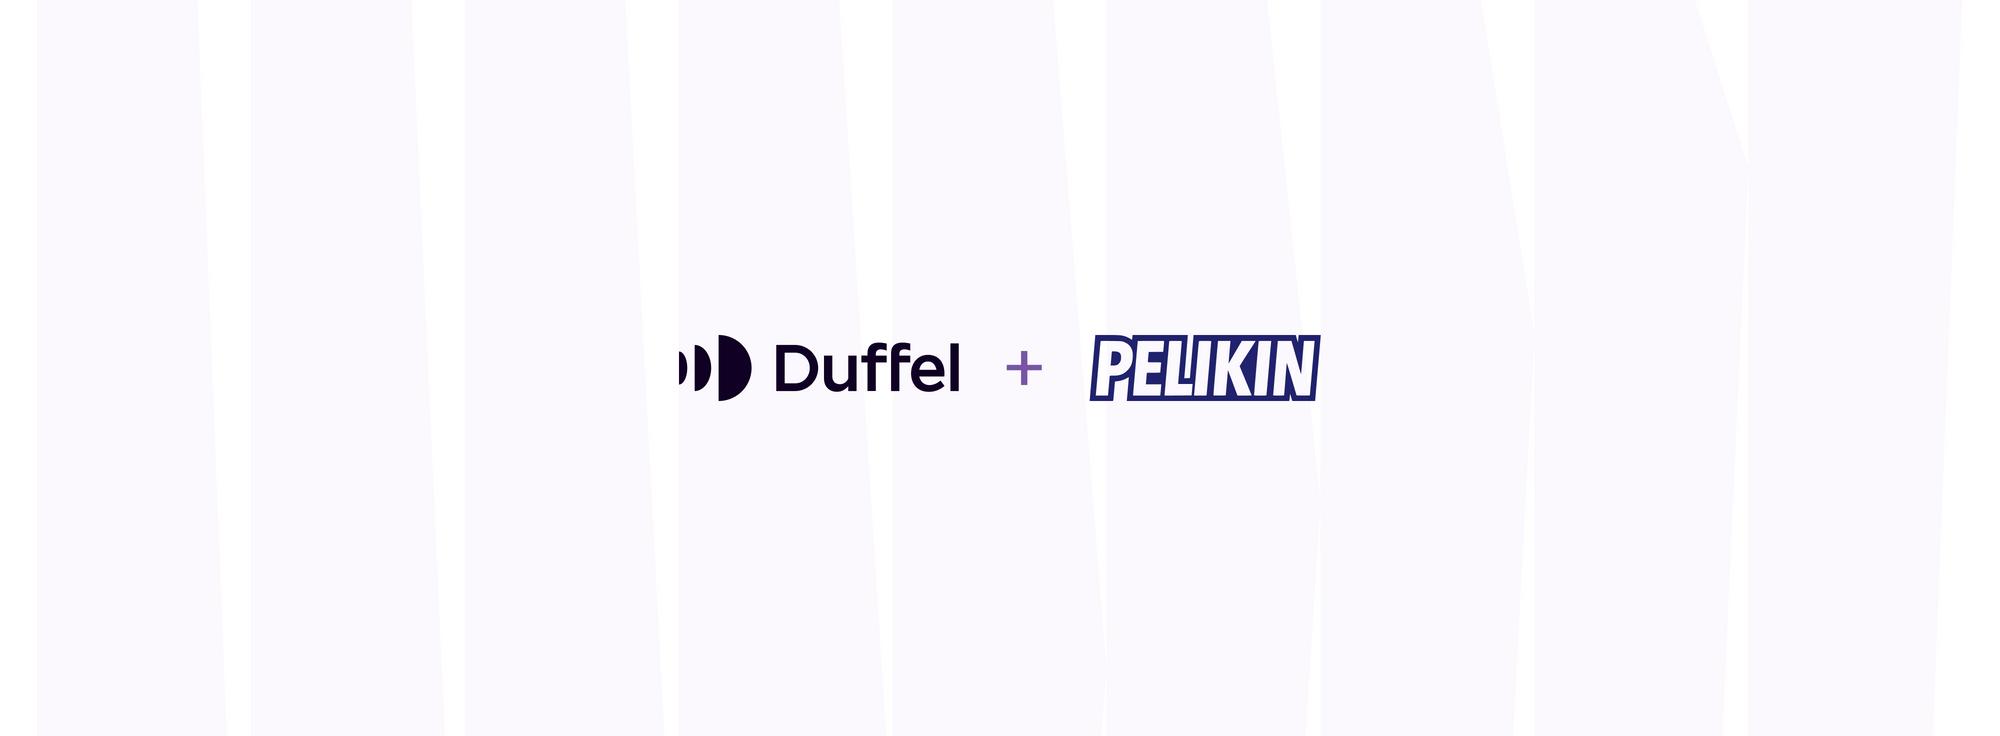 Pelikin partners with Duffel to launch in-app flight bookings